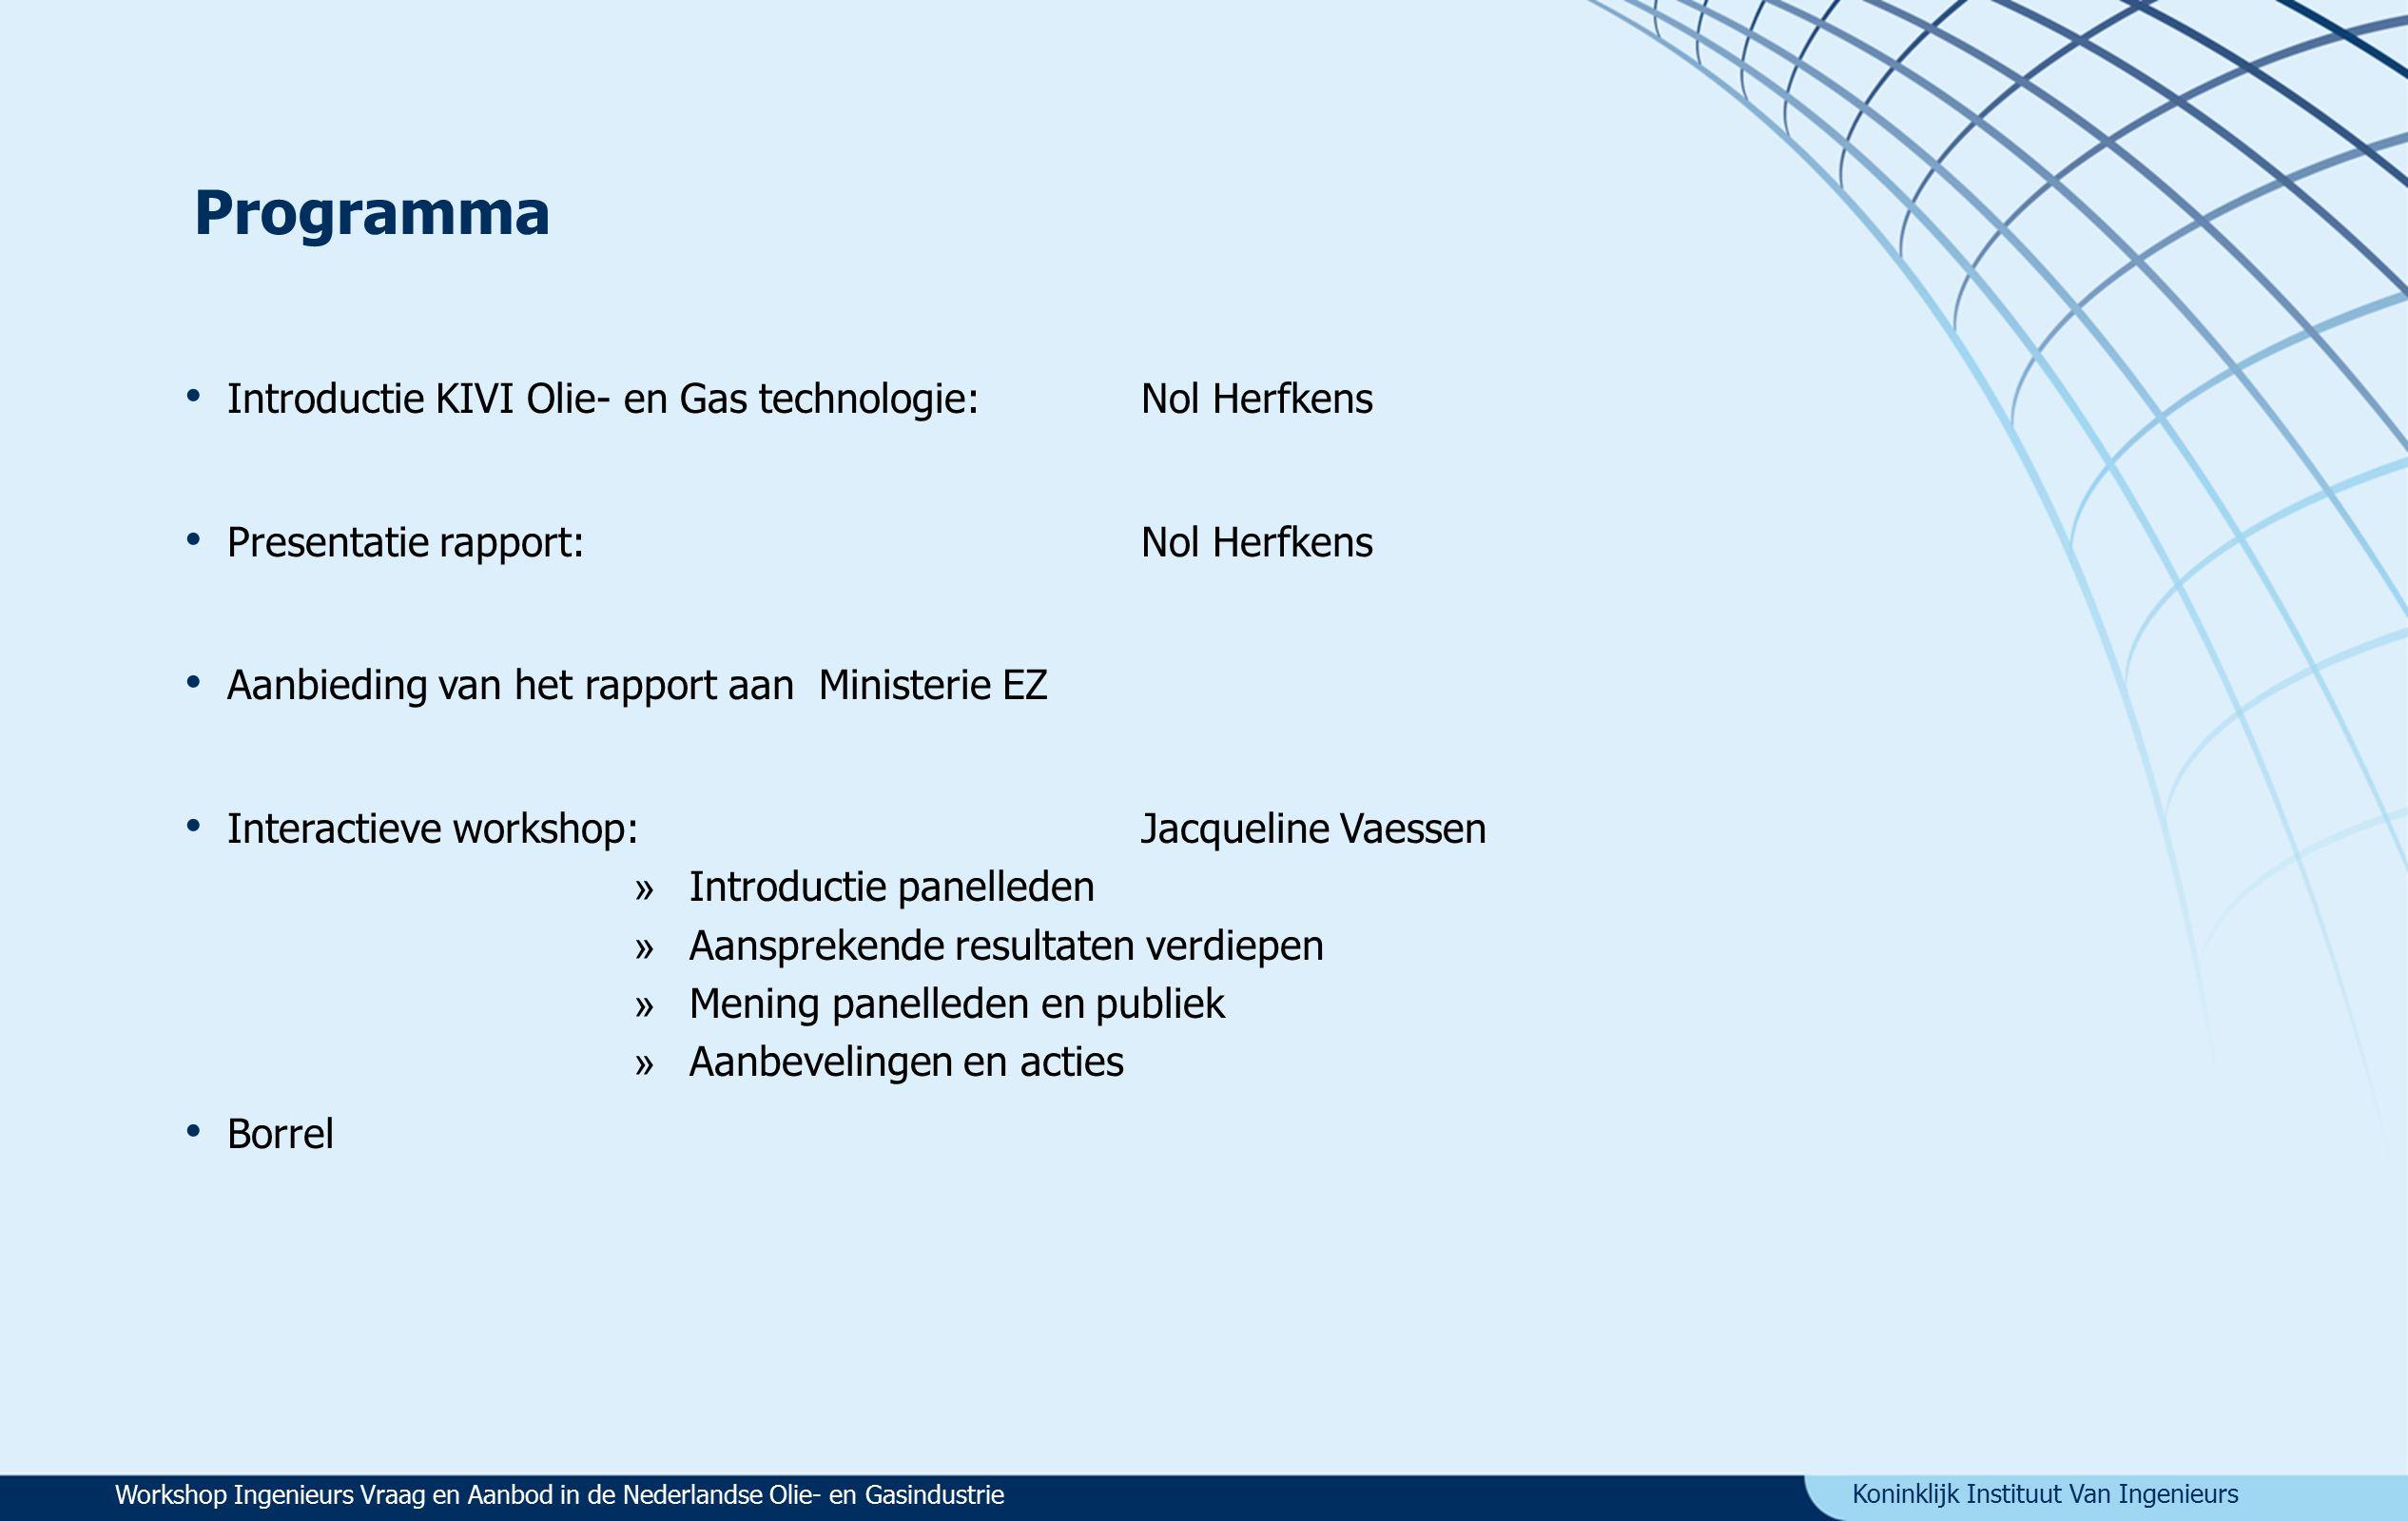 Koninklijk Instituut Van Ingenieurs KIVI afdeling Olie- en Gas technologie (OG) Introductie KIVI Olie- en Gas technologie Opsporing, winning en verwerking van olie en gas: upstream en downstream Doel: Kennis bevorderen Excursies en lezingen Onderlinge communicatie OG- leden,bedrijven en instellingen Multidisciplinair, meer dan 800 leden Onderwerpen zoals: LNG-projecten GasToLiquids Clingendael lezingen Enhanced Gas Recovery Aardbevingen Groningen Exxon Energy Outlook Shalegas Workshop Ingenieurs Vraag en Aanbod in de Nederlandse Olie- en Gasindustrie